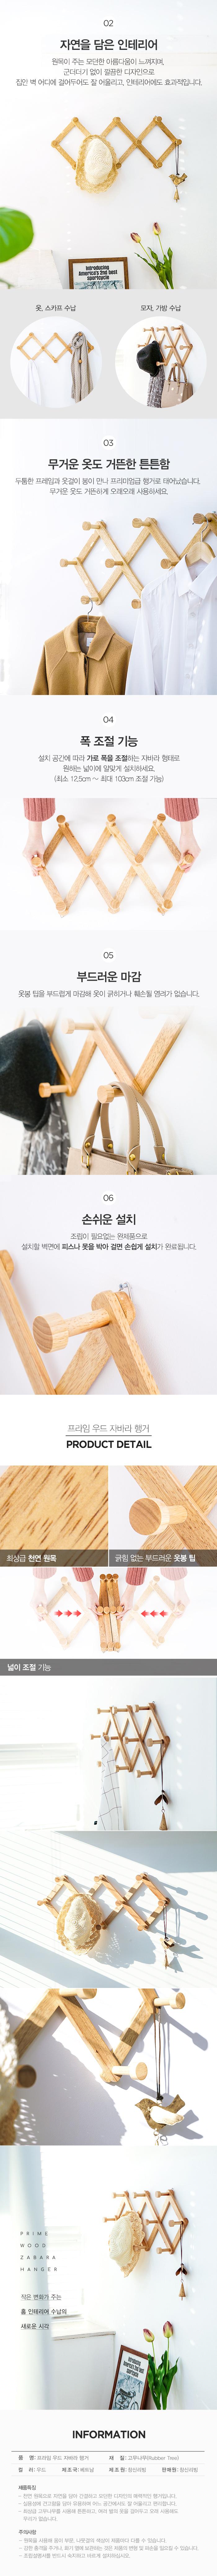 프라임 우드 자바라 행거(대) - 창신리빙, 9,800원, 행거/드레스룸/옷걸이, 옷걸이/플라스틱